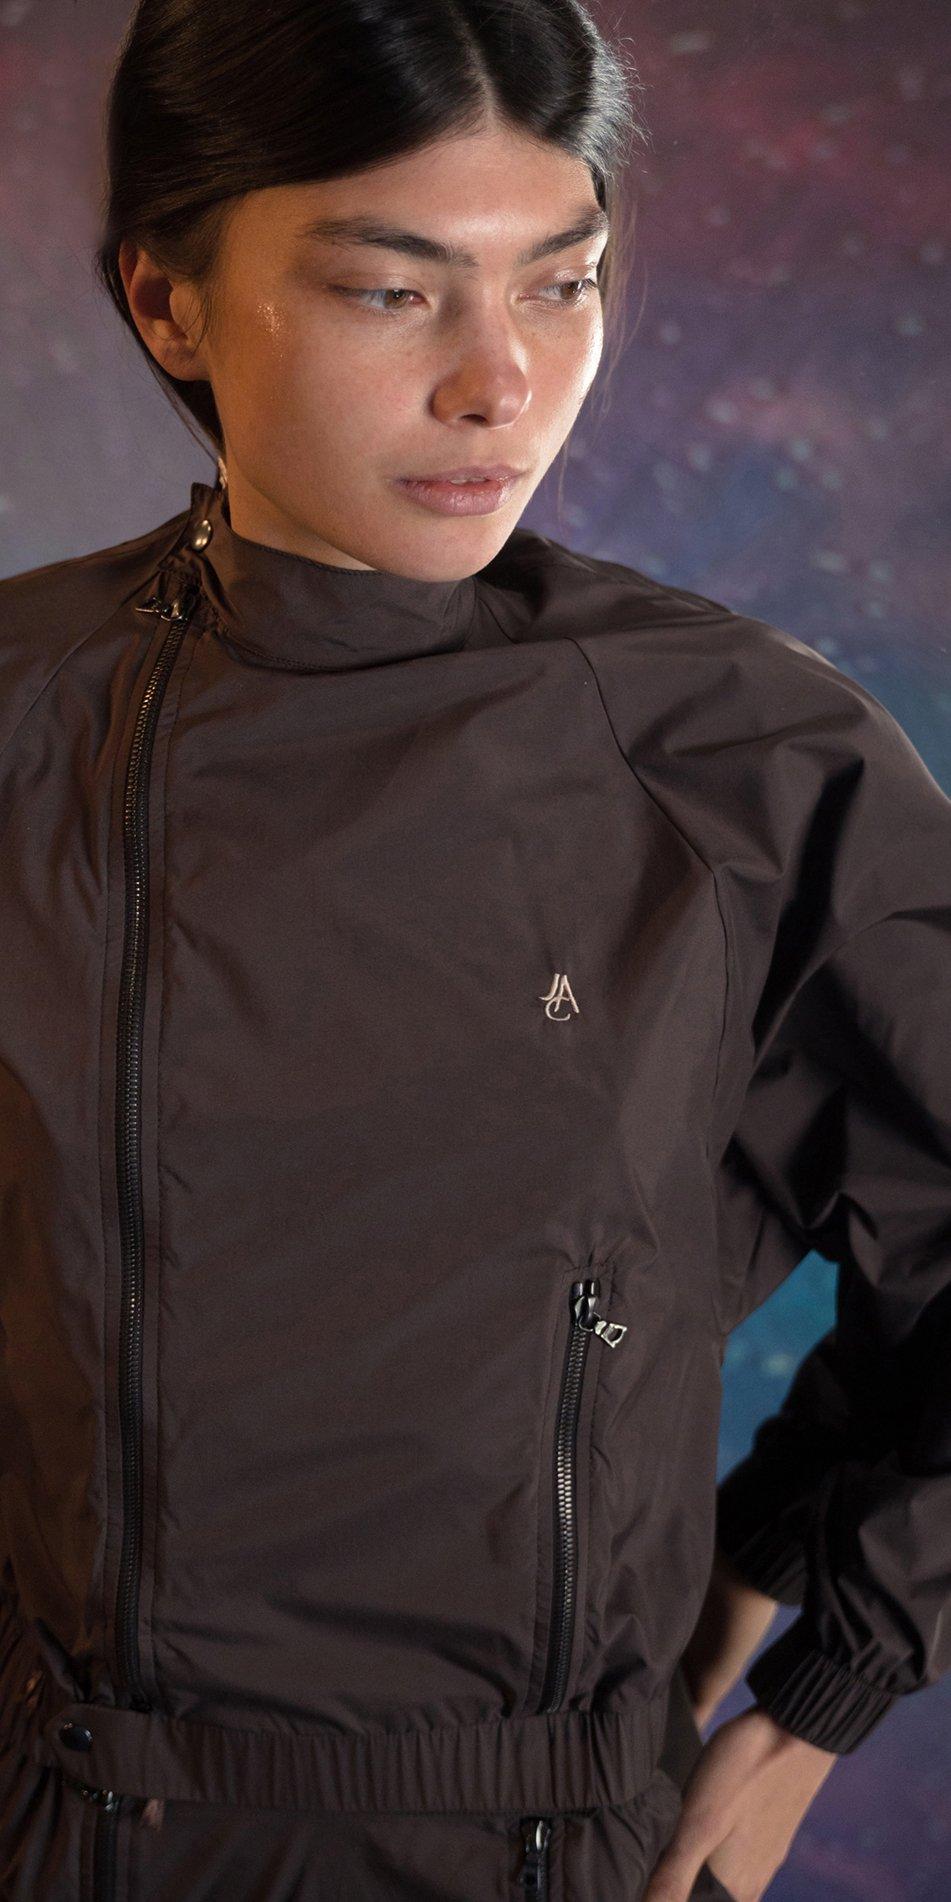 BOMBER chocolate batwing jacket 4